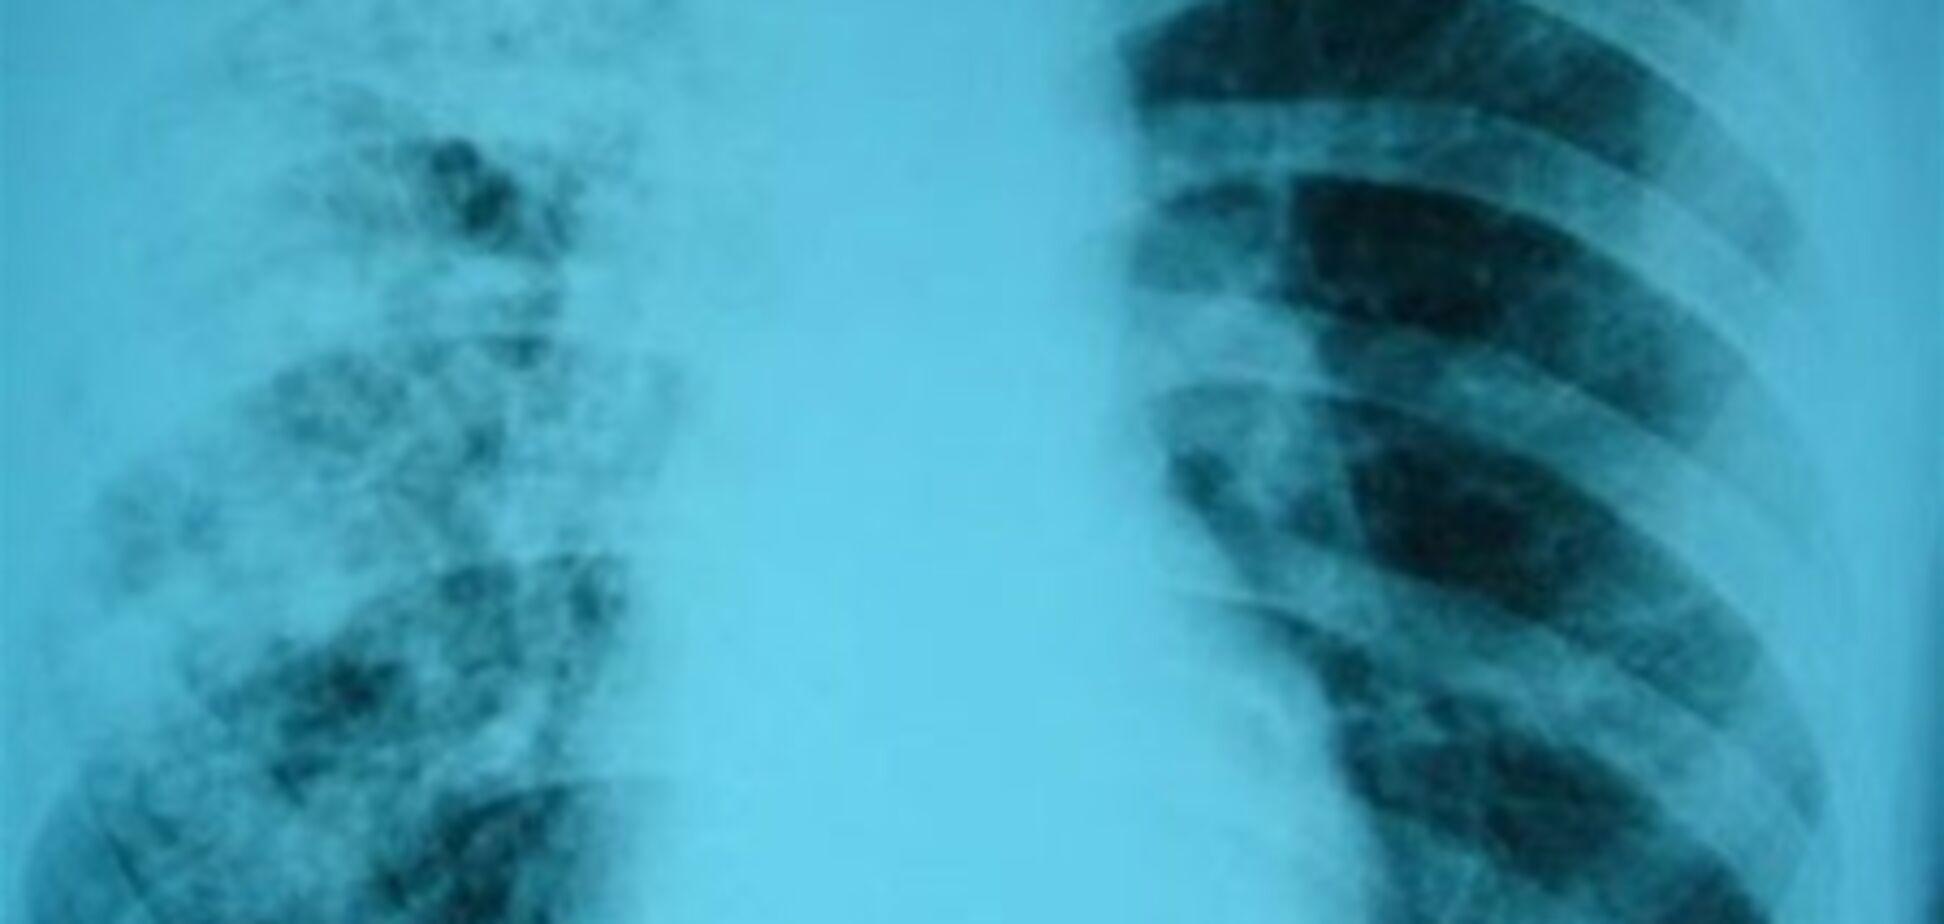 Как остановить эпидемию туберкулеза